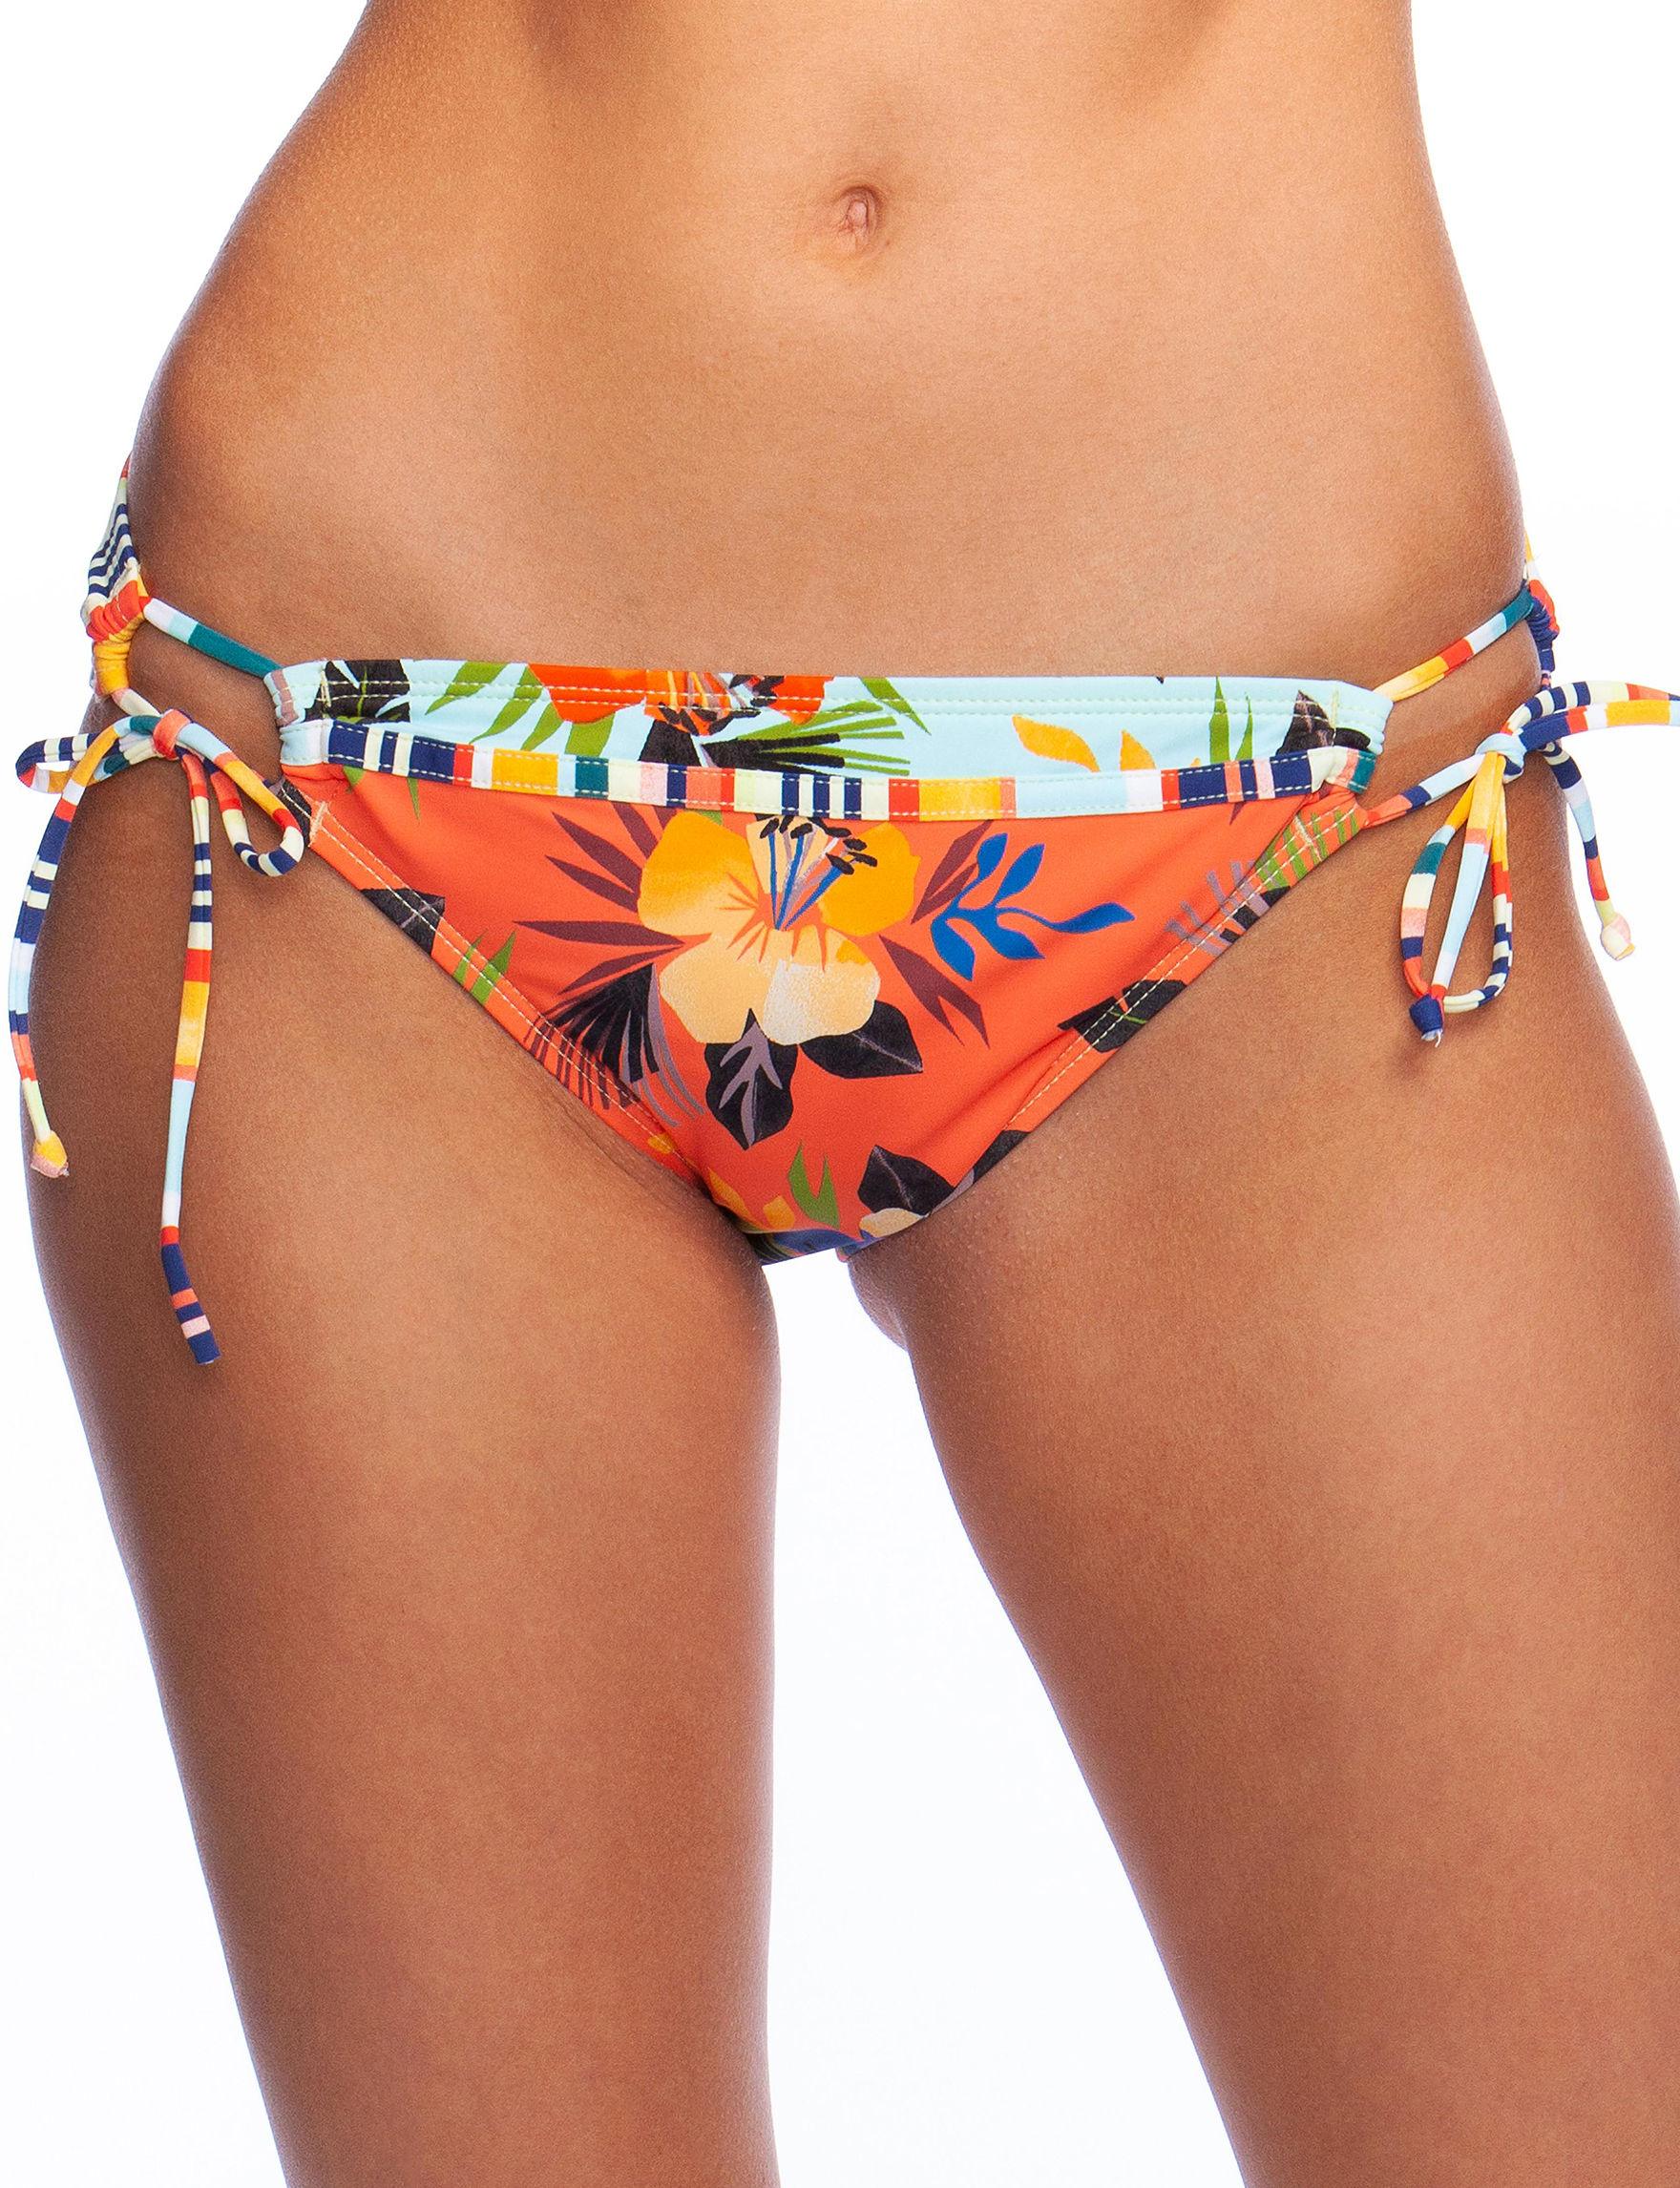 Hobie Orange Multi Swimsuit Bottoms Hipster